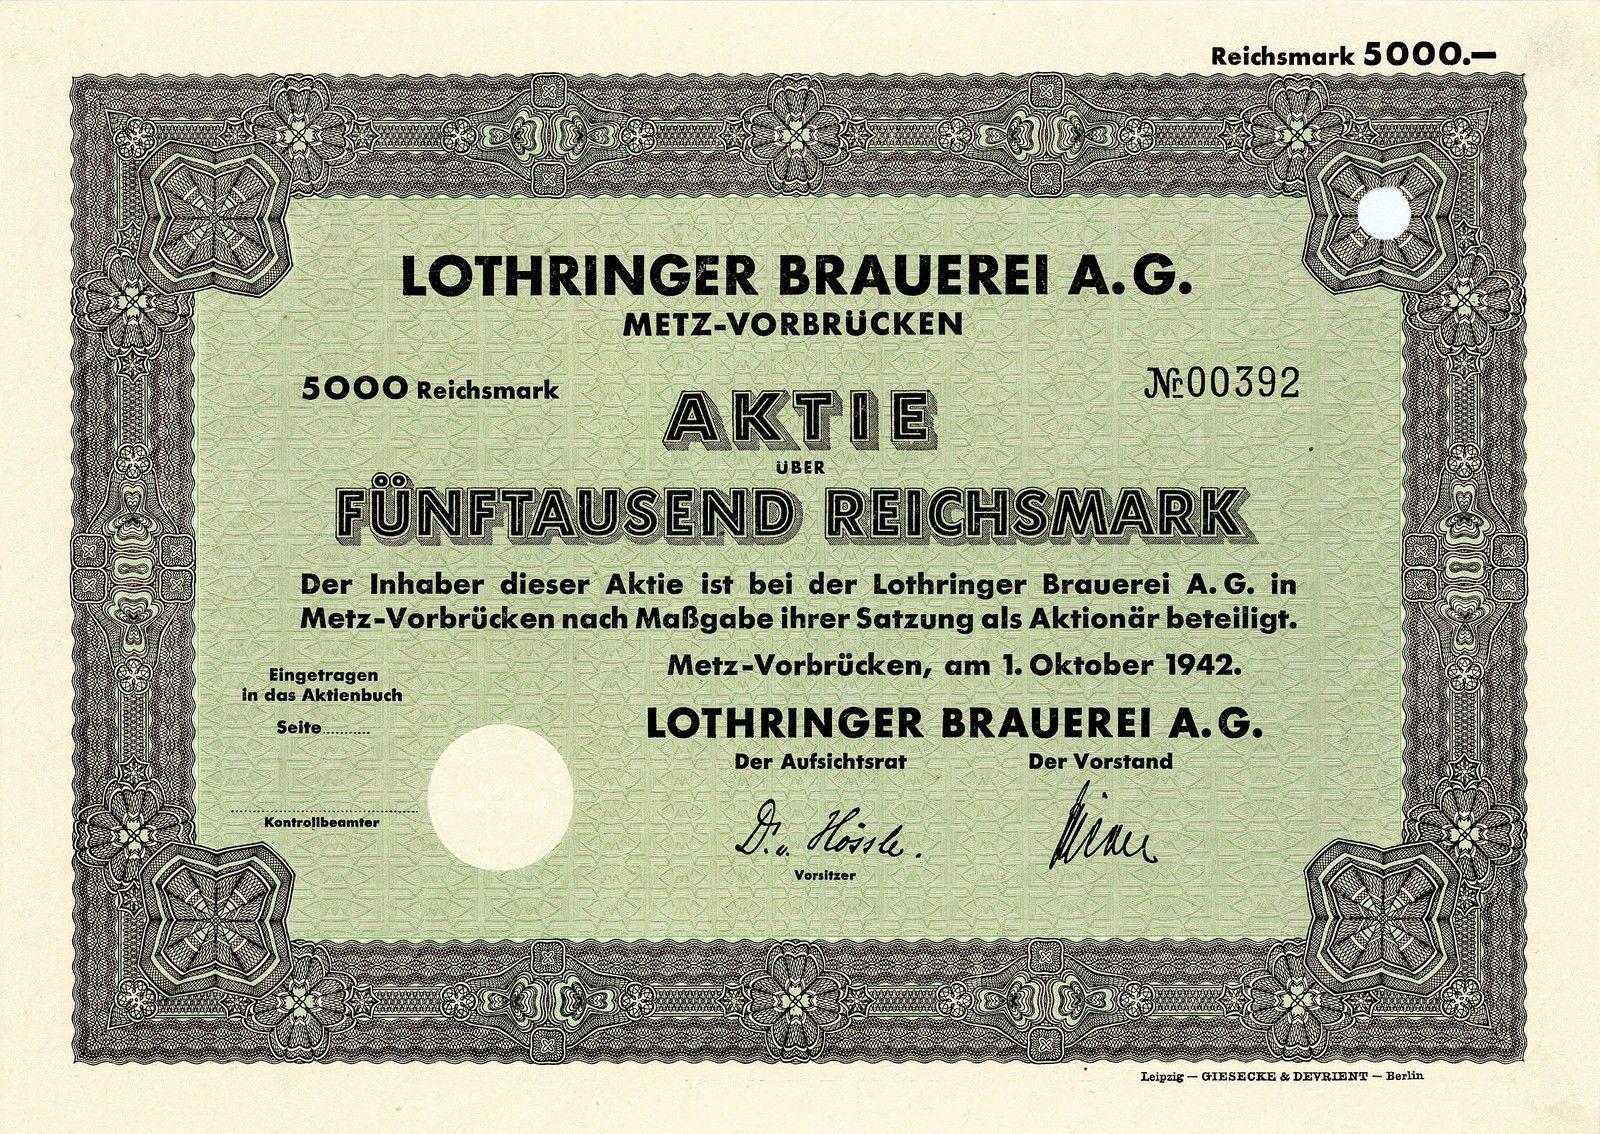 Lothringer Brauerei, Metz-Vorbrücken, Aktie über 5.000 RM von 1942 + SEHR SELTEN